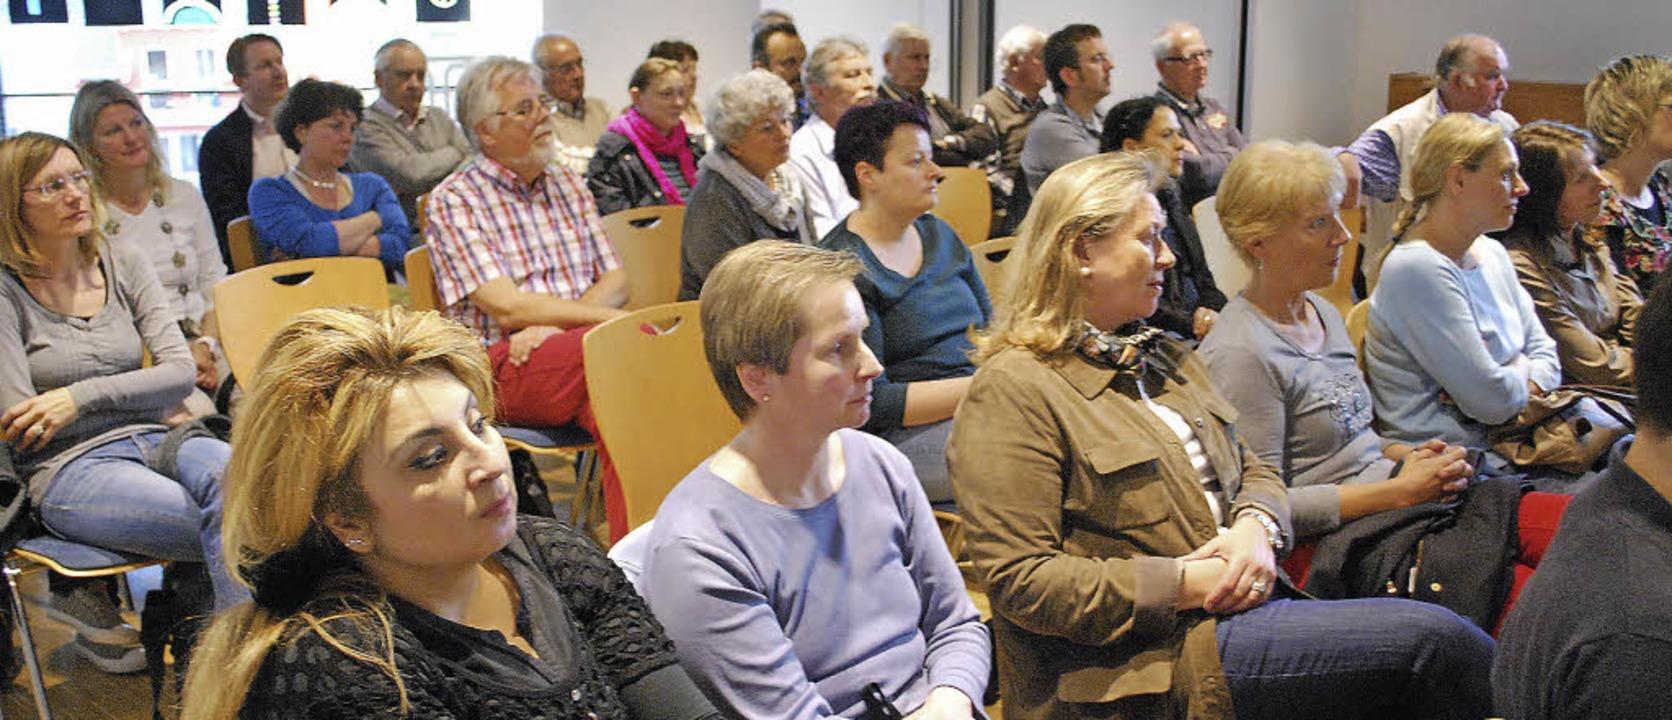 Zahlreiche Zuhörer kamen zur Podiumsdi... über die Zukunft der Hellbergschule.   | Foto: Thomas Loisl-Mink